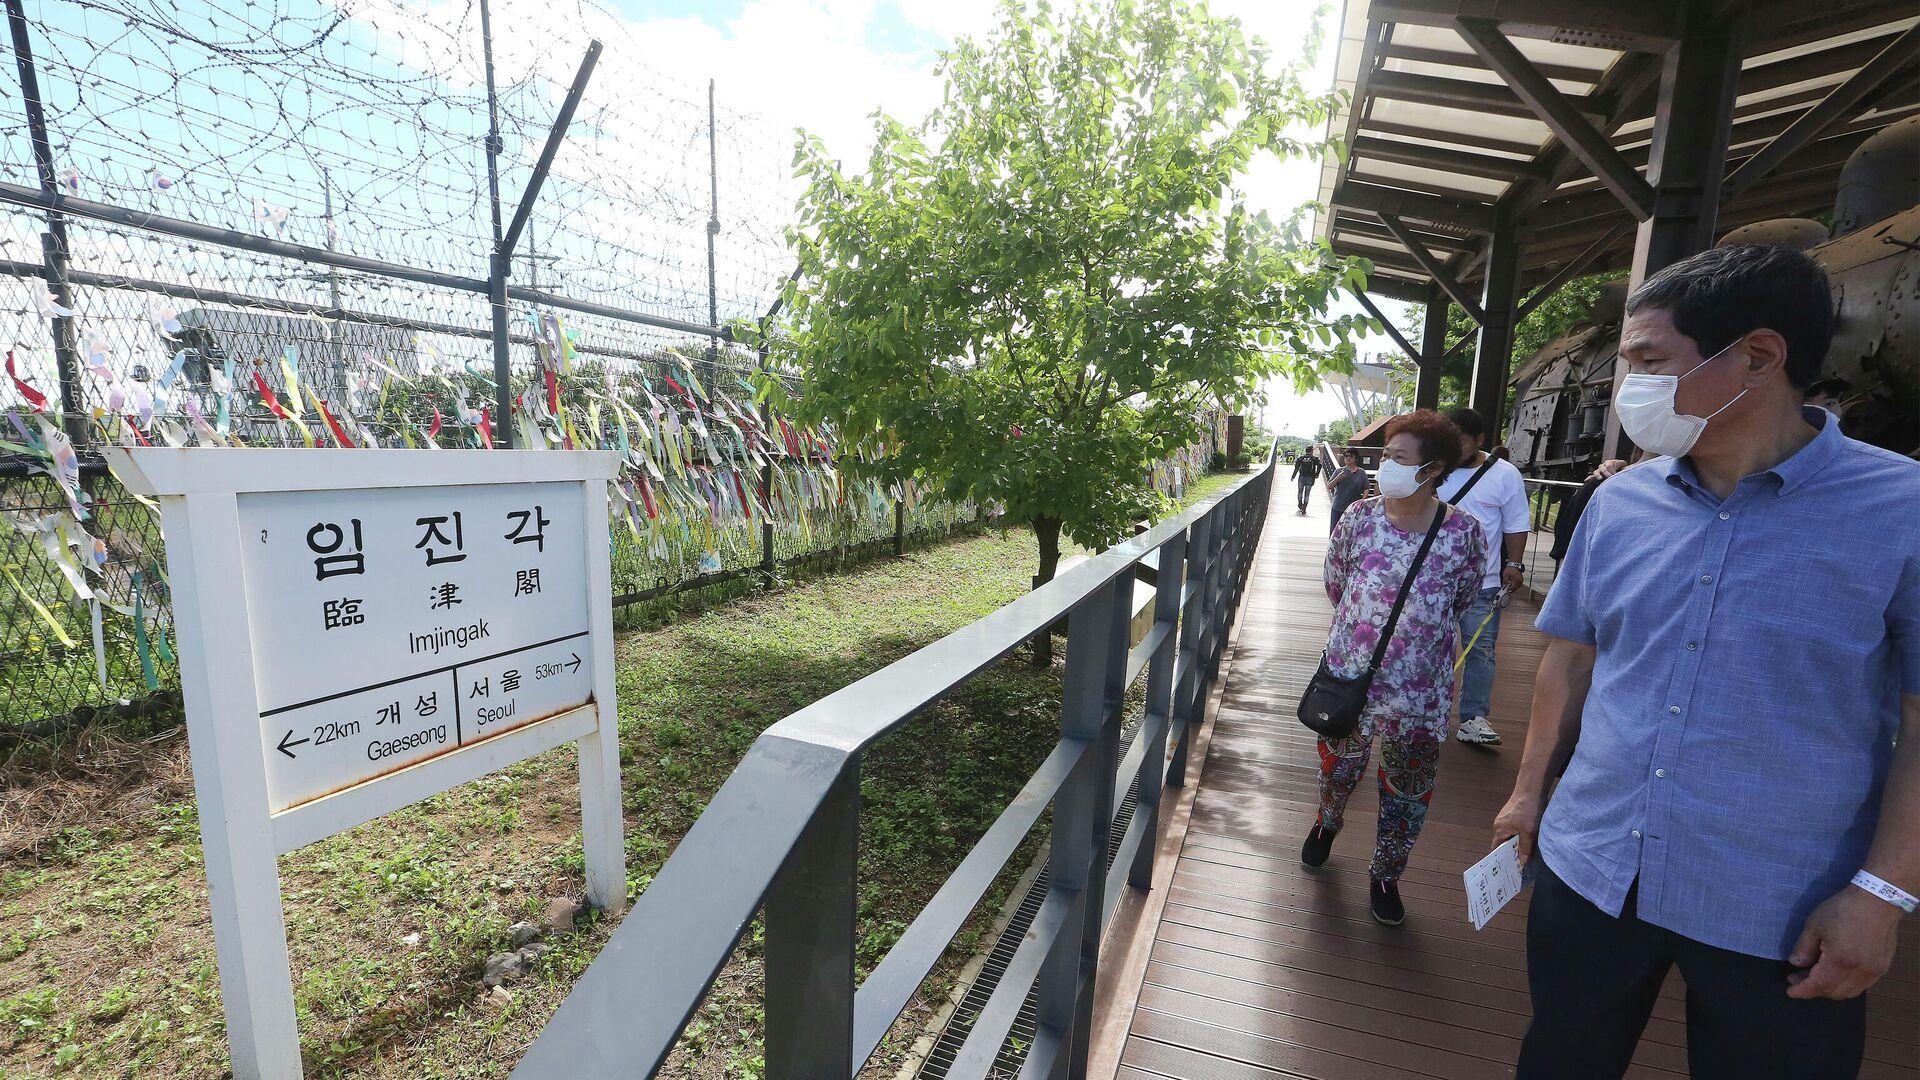 Люди на границе Северной и Южной Кореи. 26 июля 2020  - РИА Новости, 1920, 25.11.2020